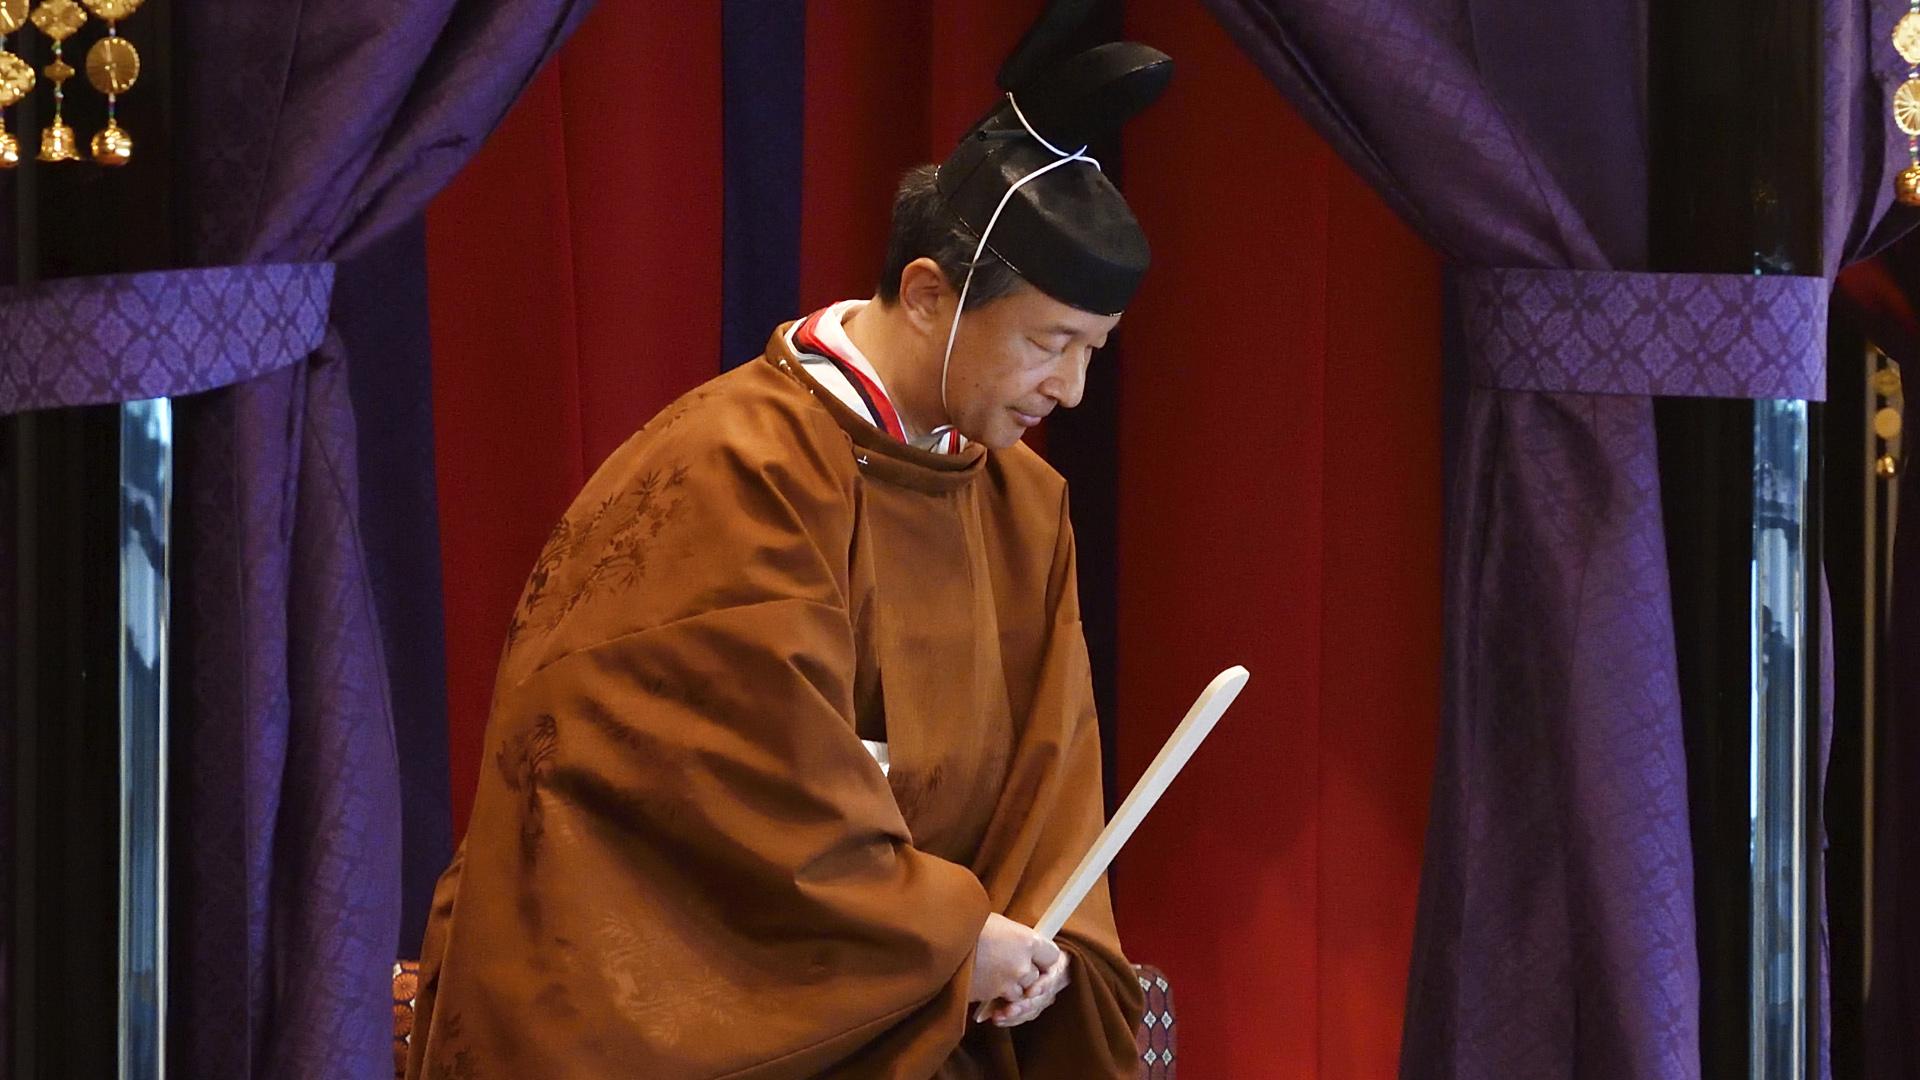 Mira cómo entronizaron a Naruhito, el nuevo emperador de Japón